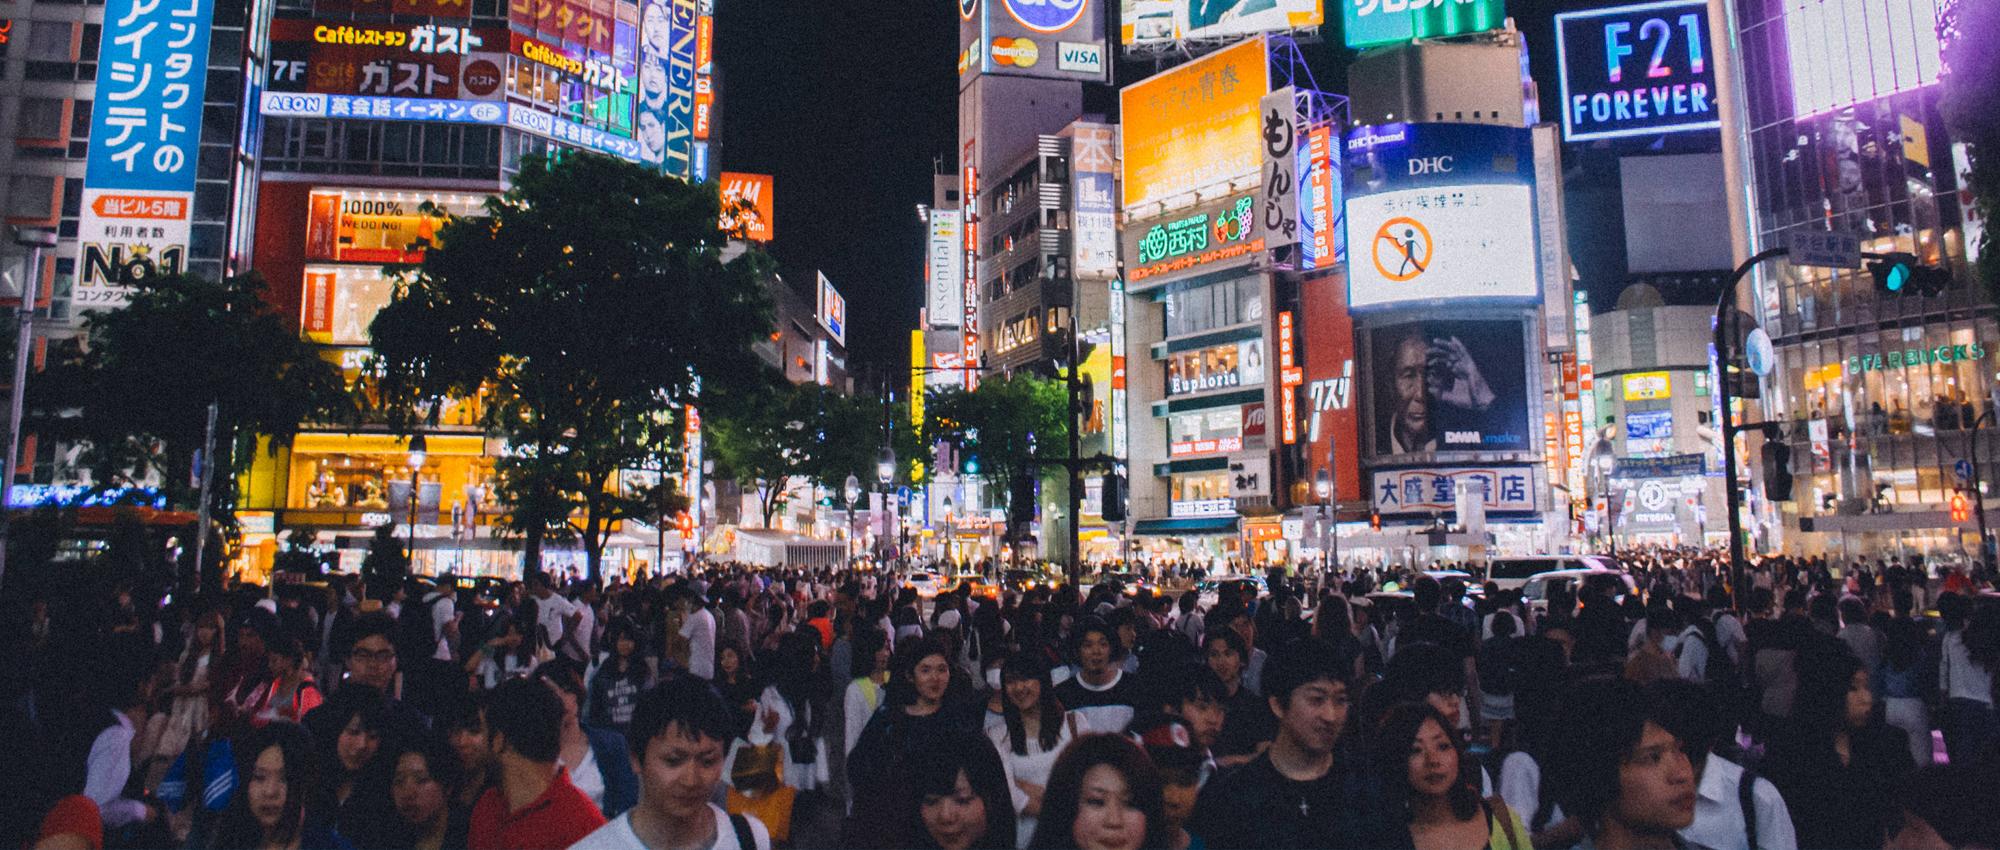 Piețele din Japonia și Singapore se deshid. Cum se pregătește mediul de afaceri românesc? Dar oficialitățile?